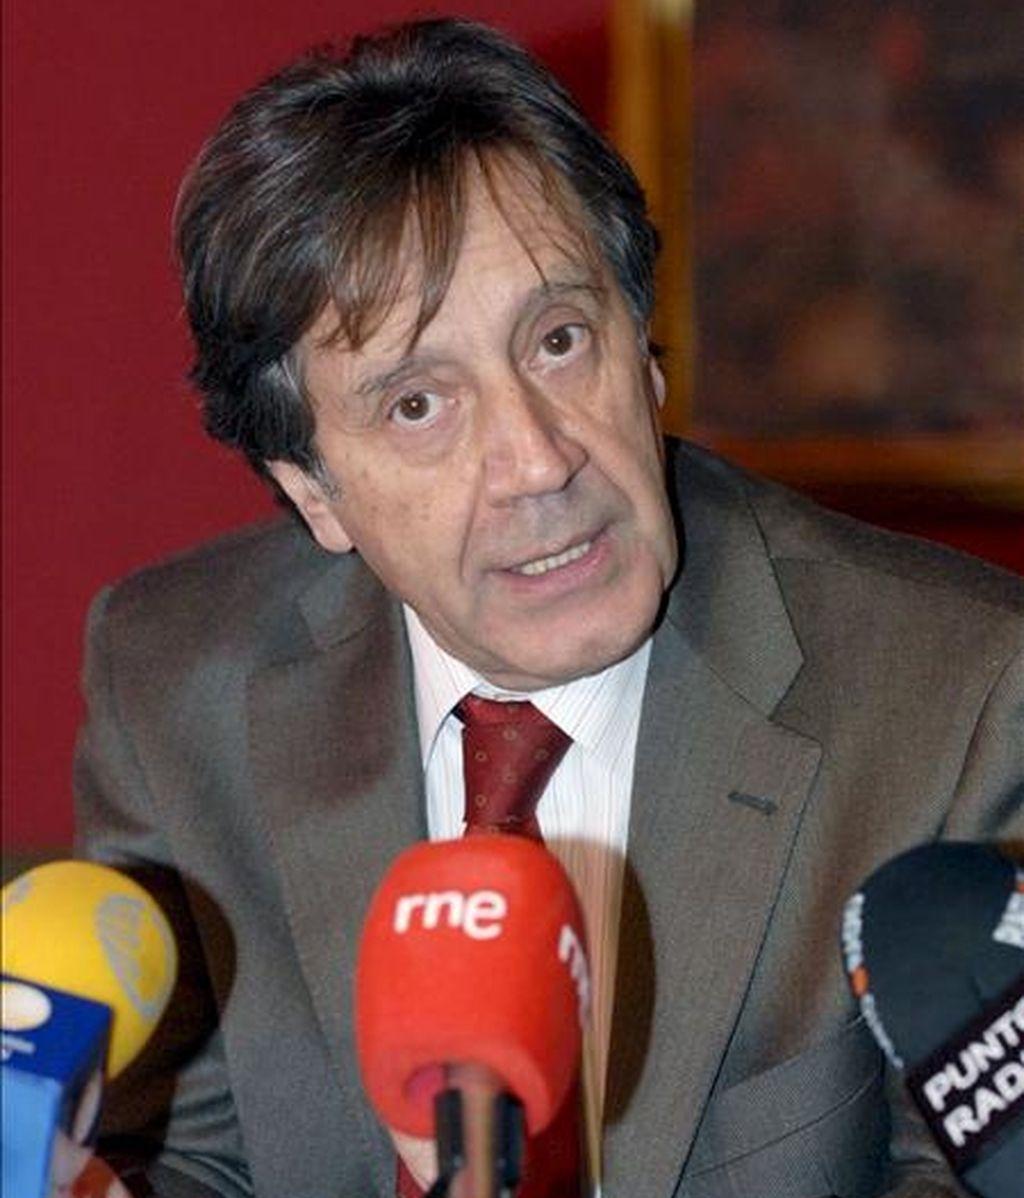 El presidente de FEVE, Angel Villalba, repasó hoy la situación y proyectos de la compañía ferroviaria española, en un café de redacción organizado por la Agencia EFE en el Parador de San Marcos de León. EFE